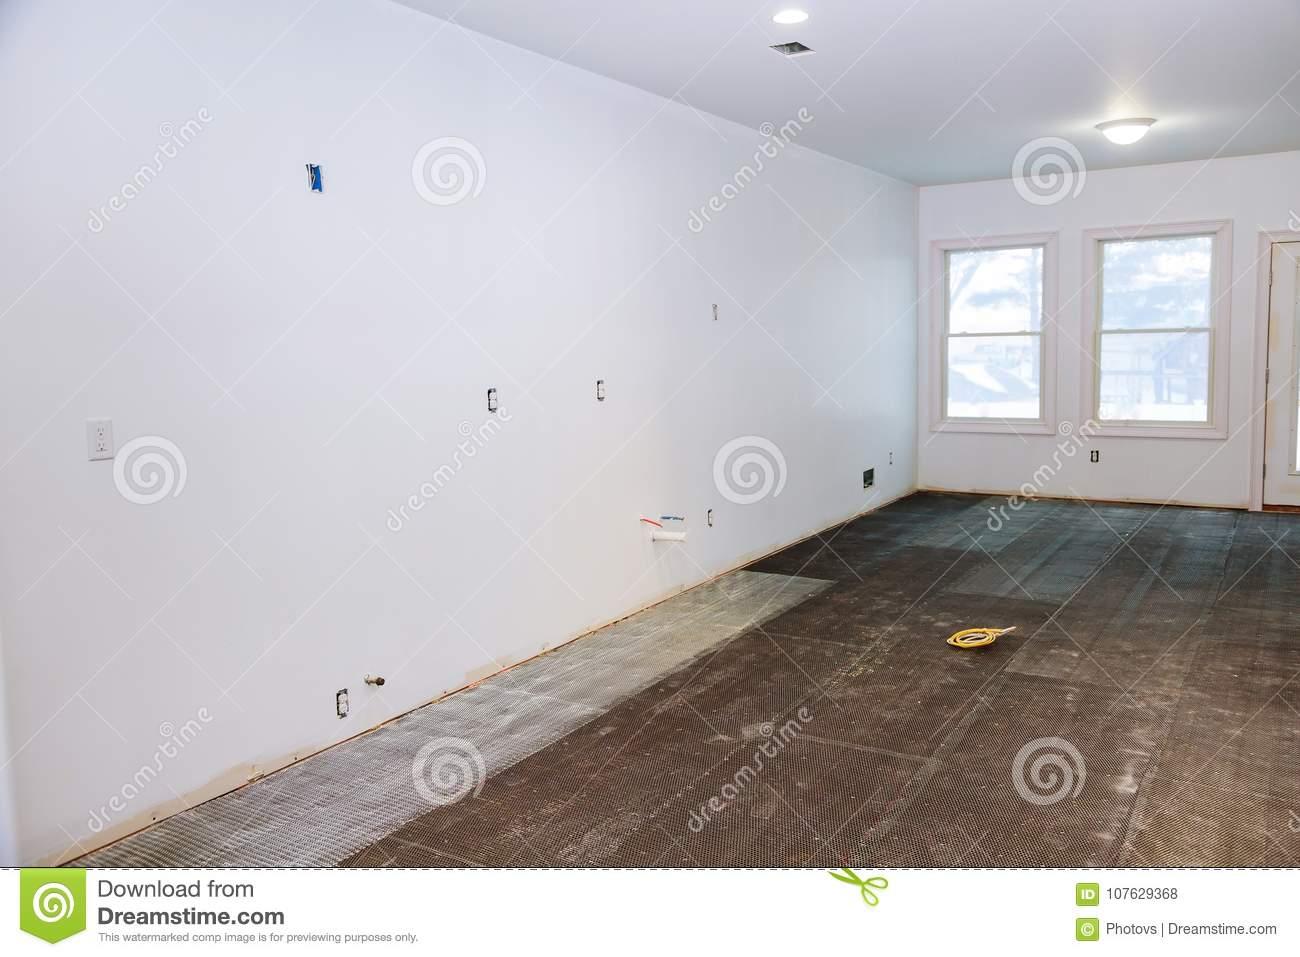 Full Size of Küche Klapptisch Billige Rückwand Glas Griffe Einhebelmischer Läufer Teppich Für Armatur Hängeschrank Höhe Ausstellungsküche Betonoptik Outdoor Kaufen Wohnzimmer Fußbodenfliesen Küche